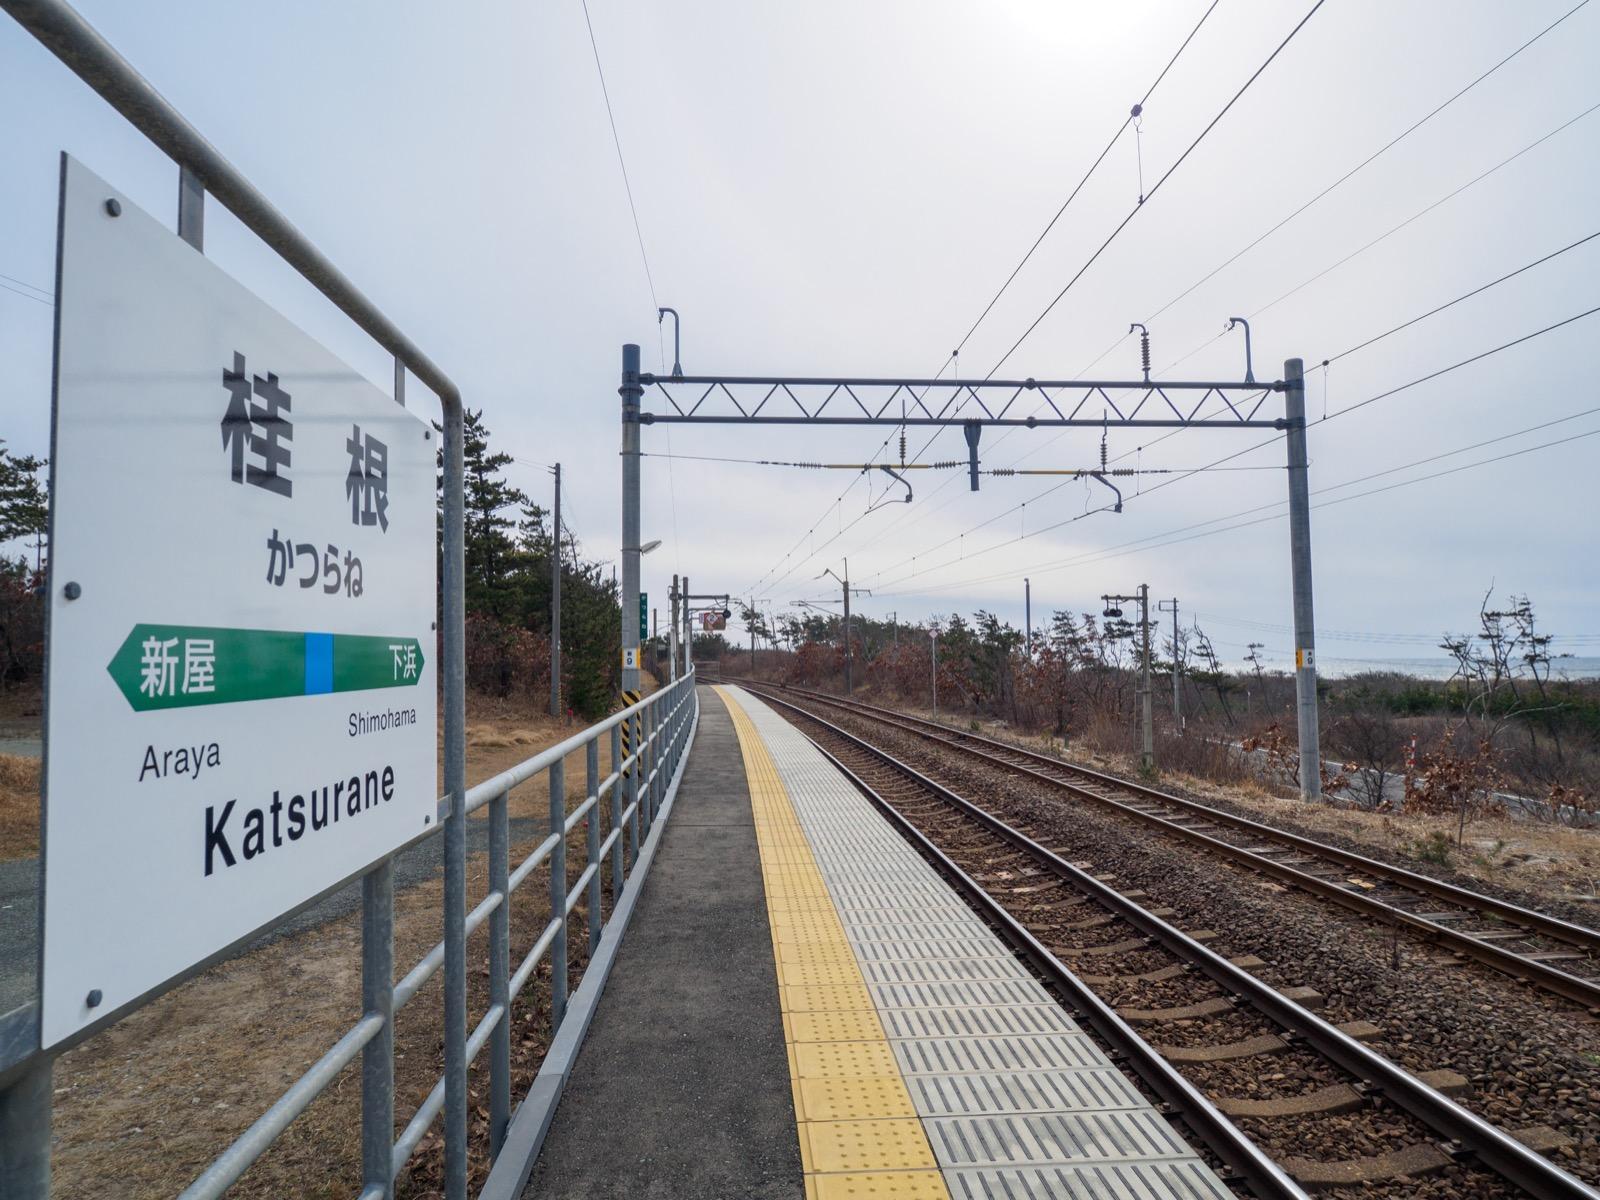 桂根駅のホーム